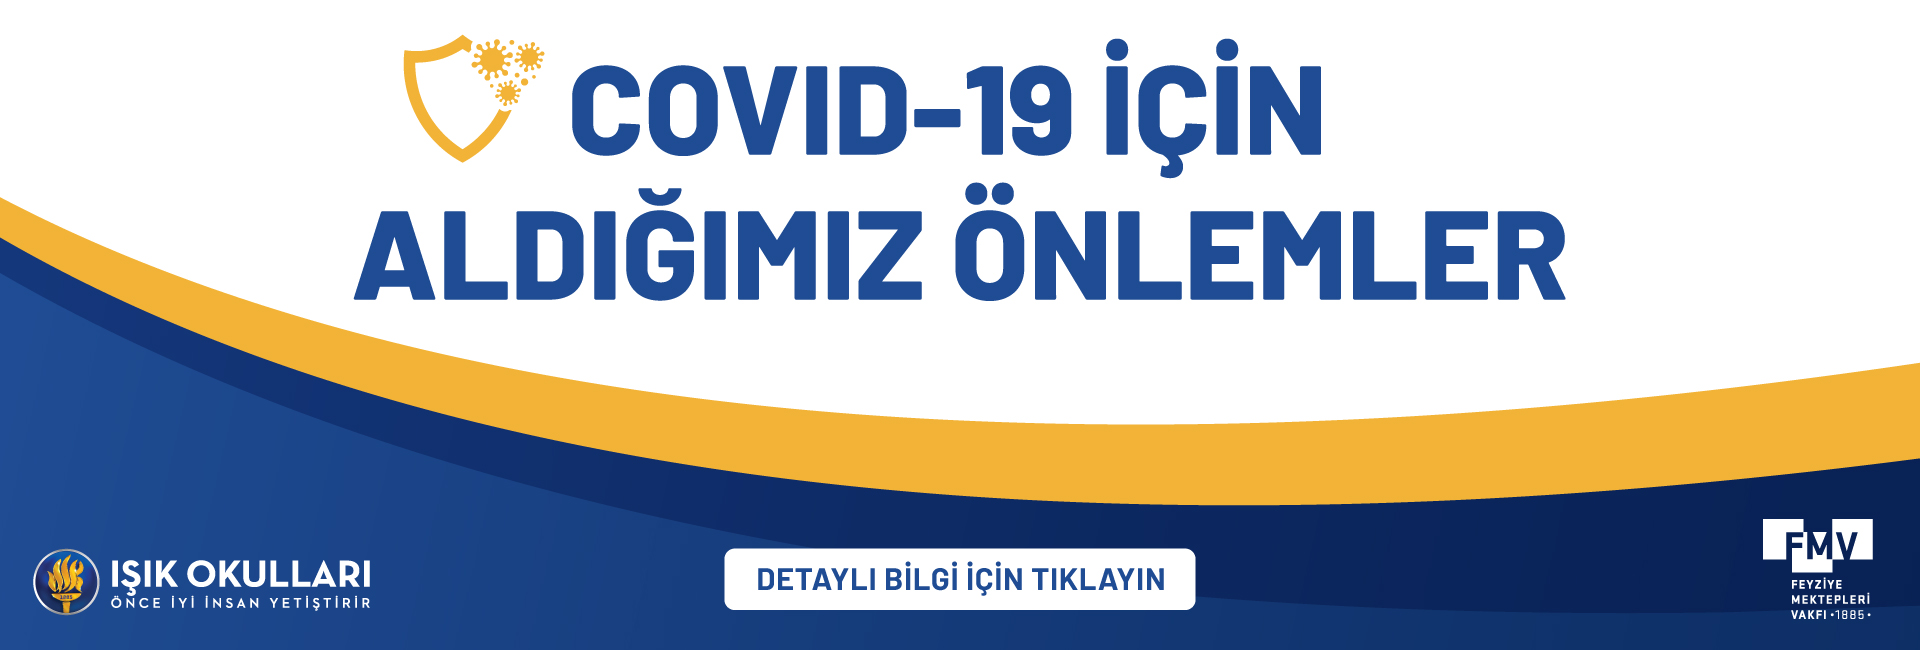 FMV IŞIK OKULLARI COVID-19 ÖNLEMLERİ BİLGİLENDİRME